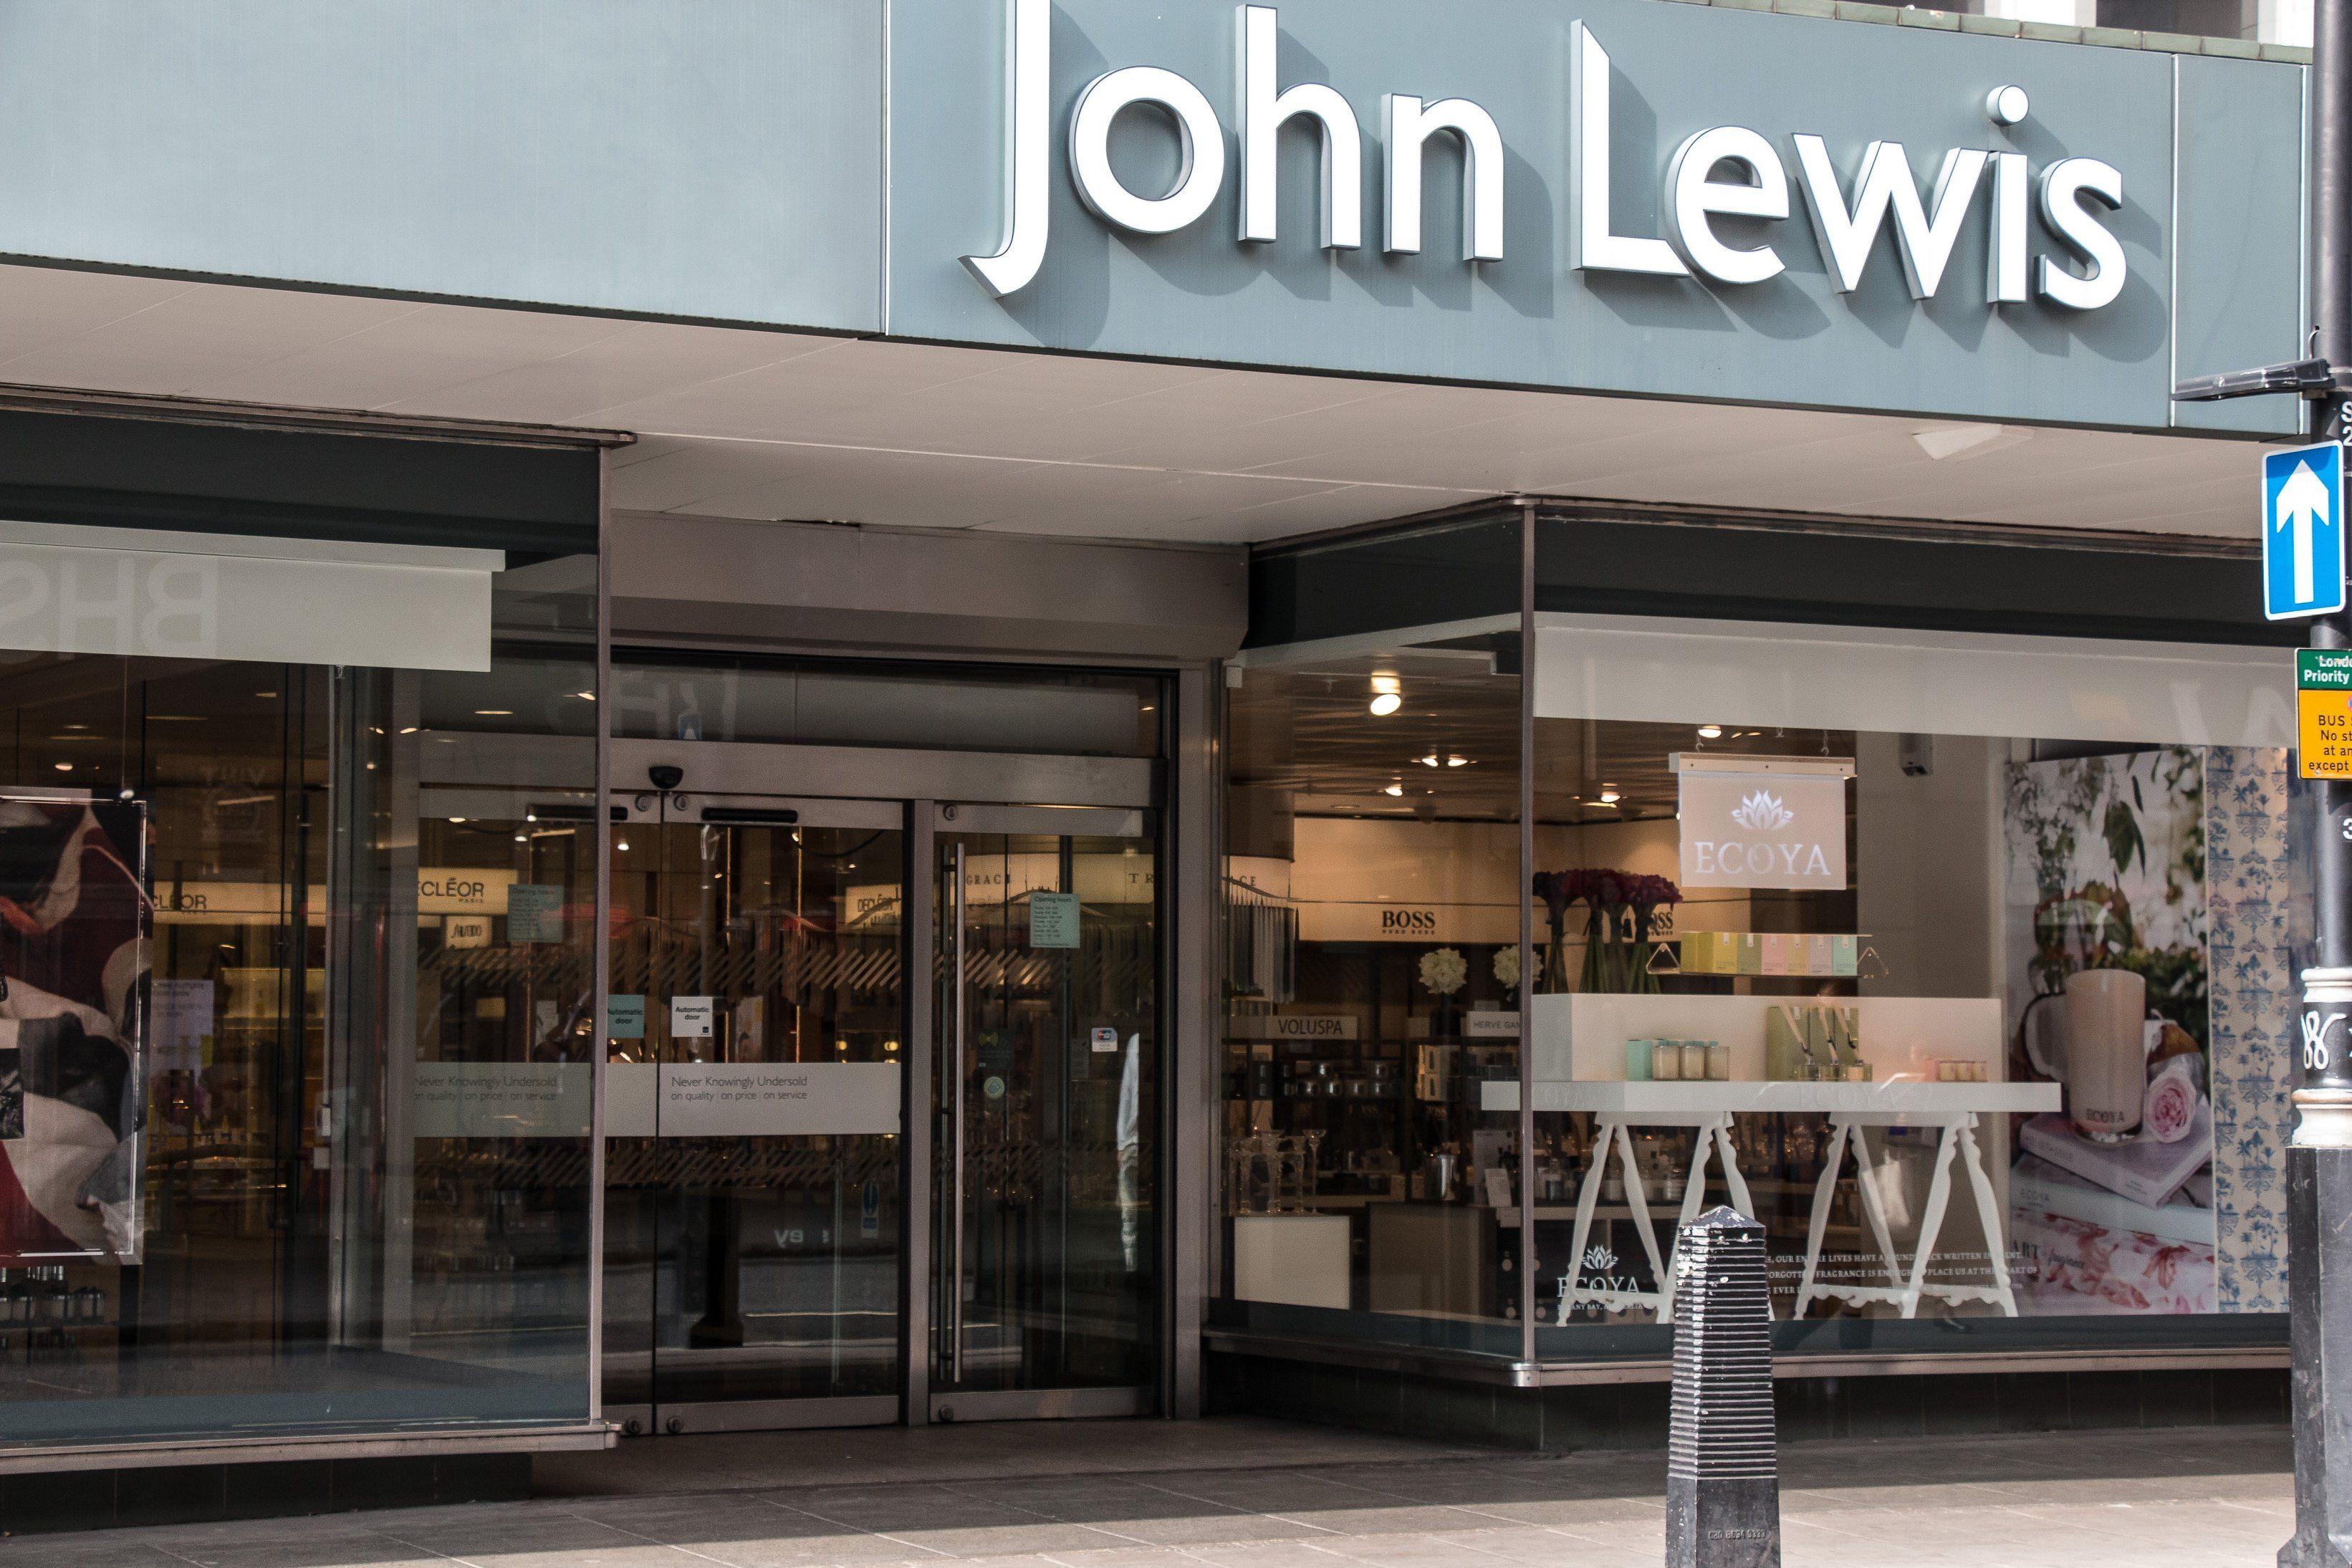 John Lewis Featuring Ecoya 300 Oxford Street London Www Ecoya Com Www Johnlewis Com Oxford Street Lewis John Lewis